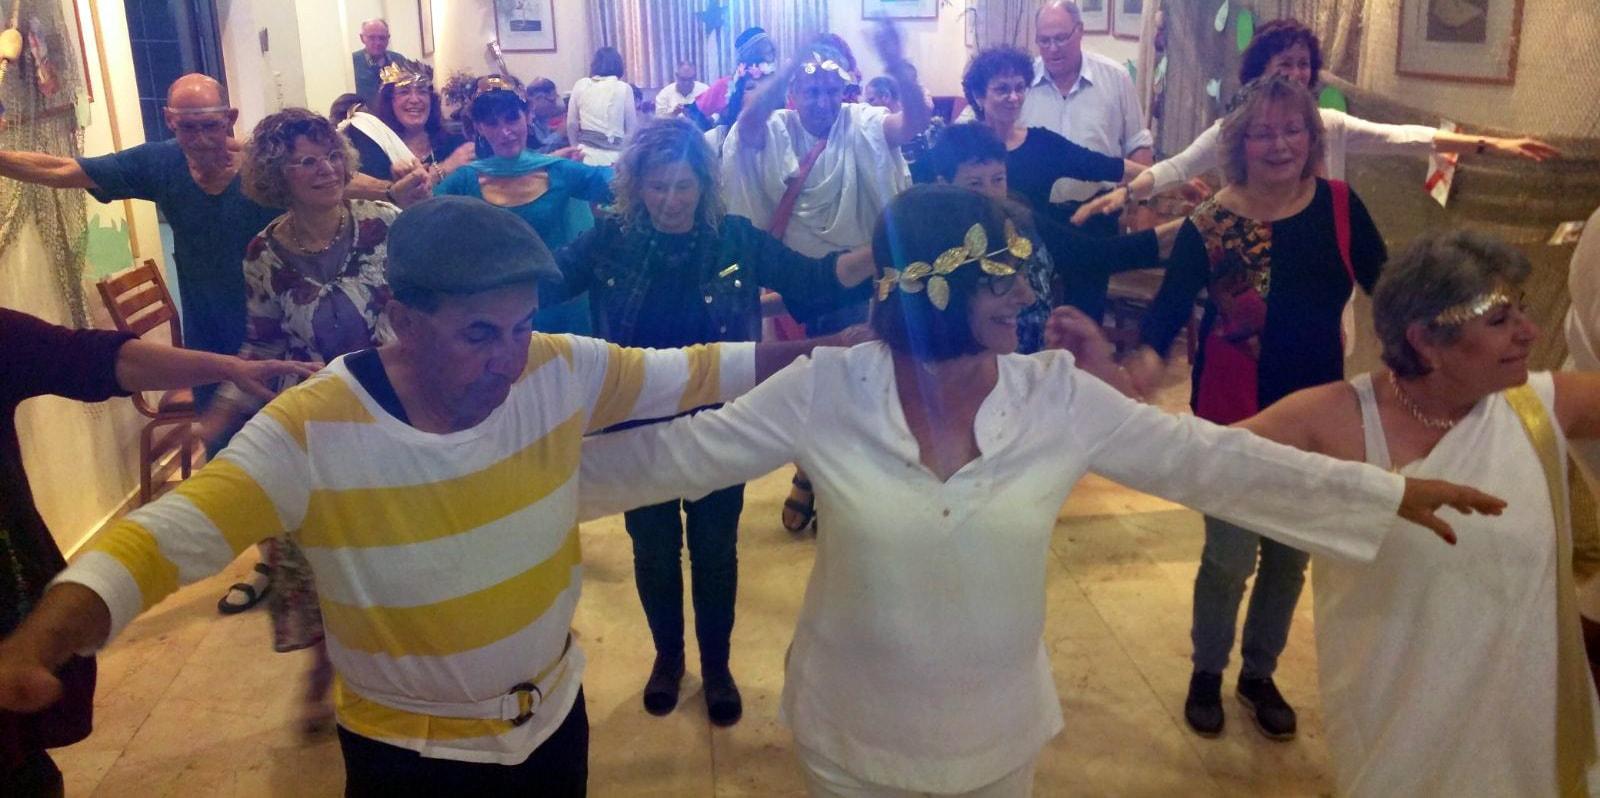 ריקוד יווני בסטודיו לרקוד מהלב